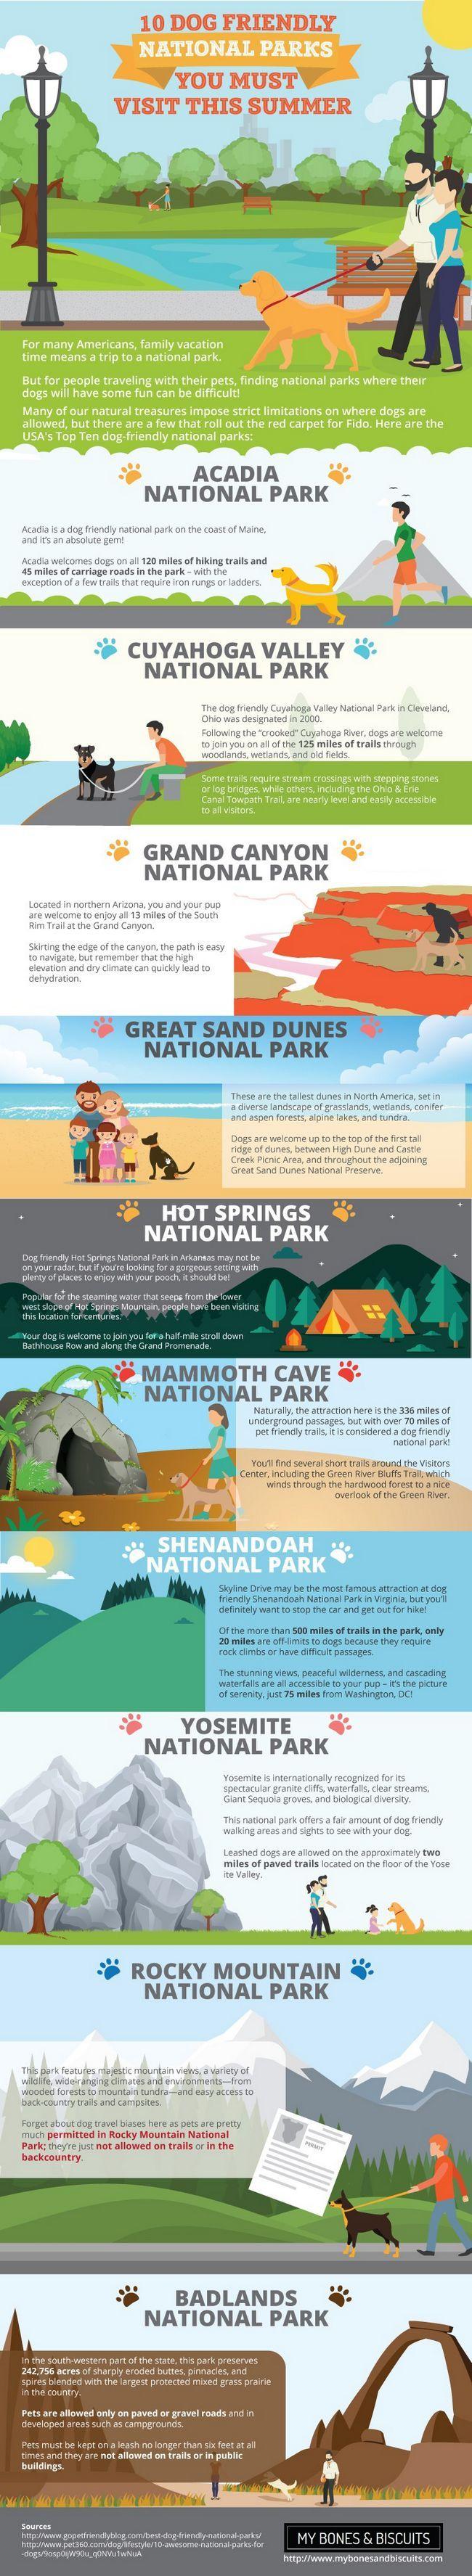 Dog Friendly nous les parcs nationaux: tirer le meilleur parti de votre été!